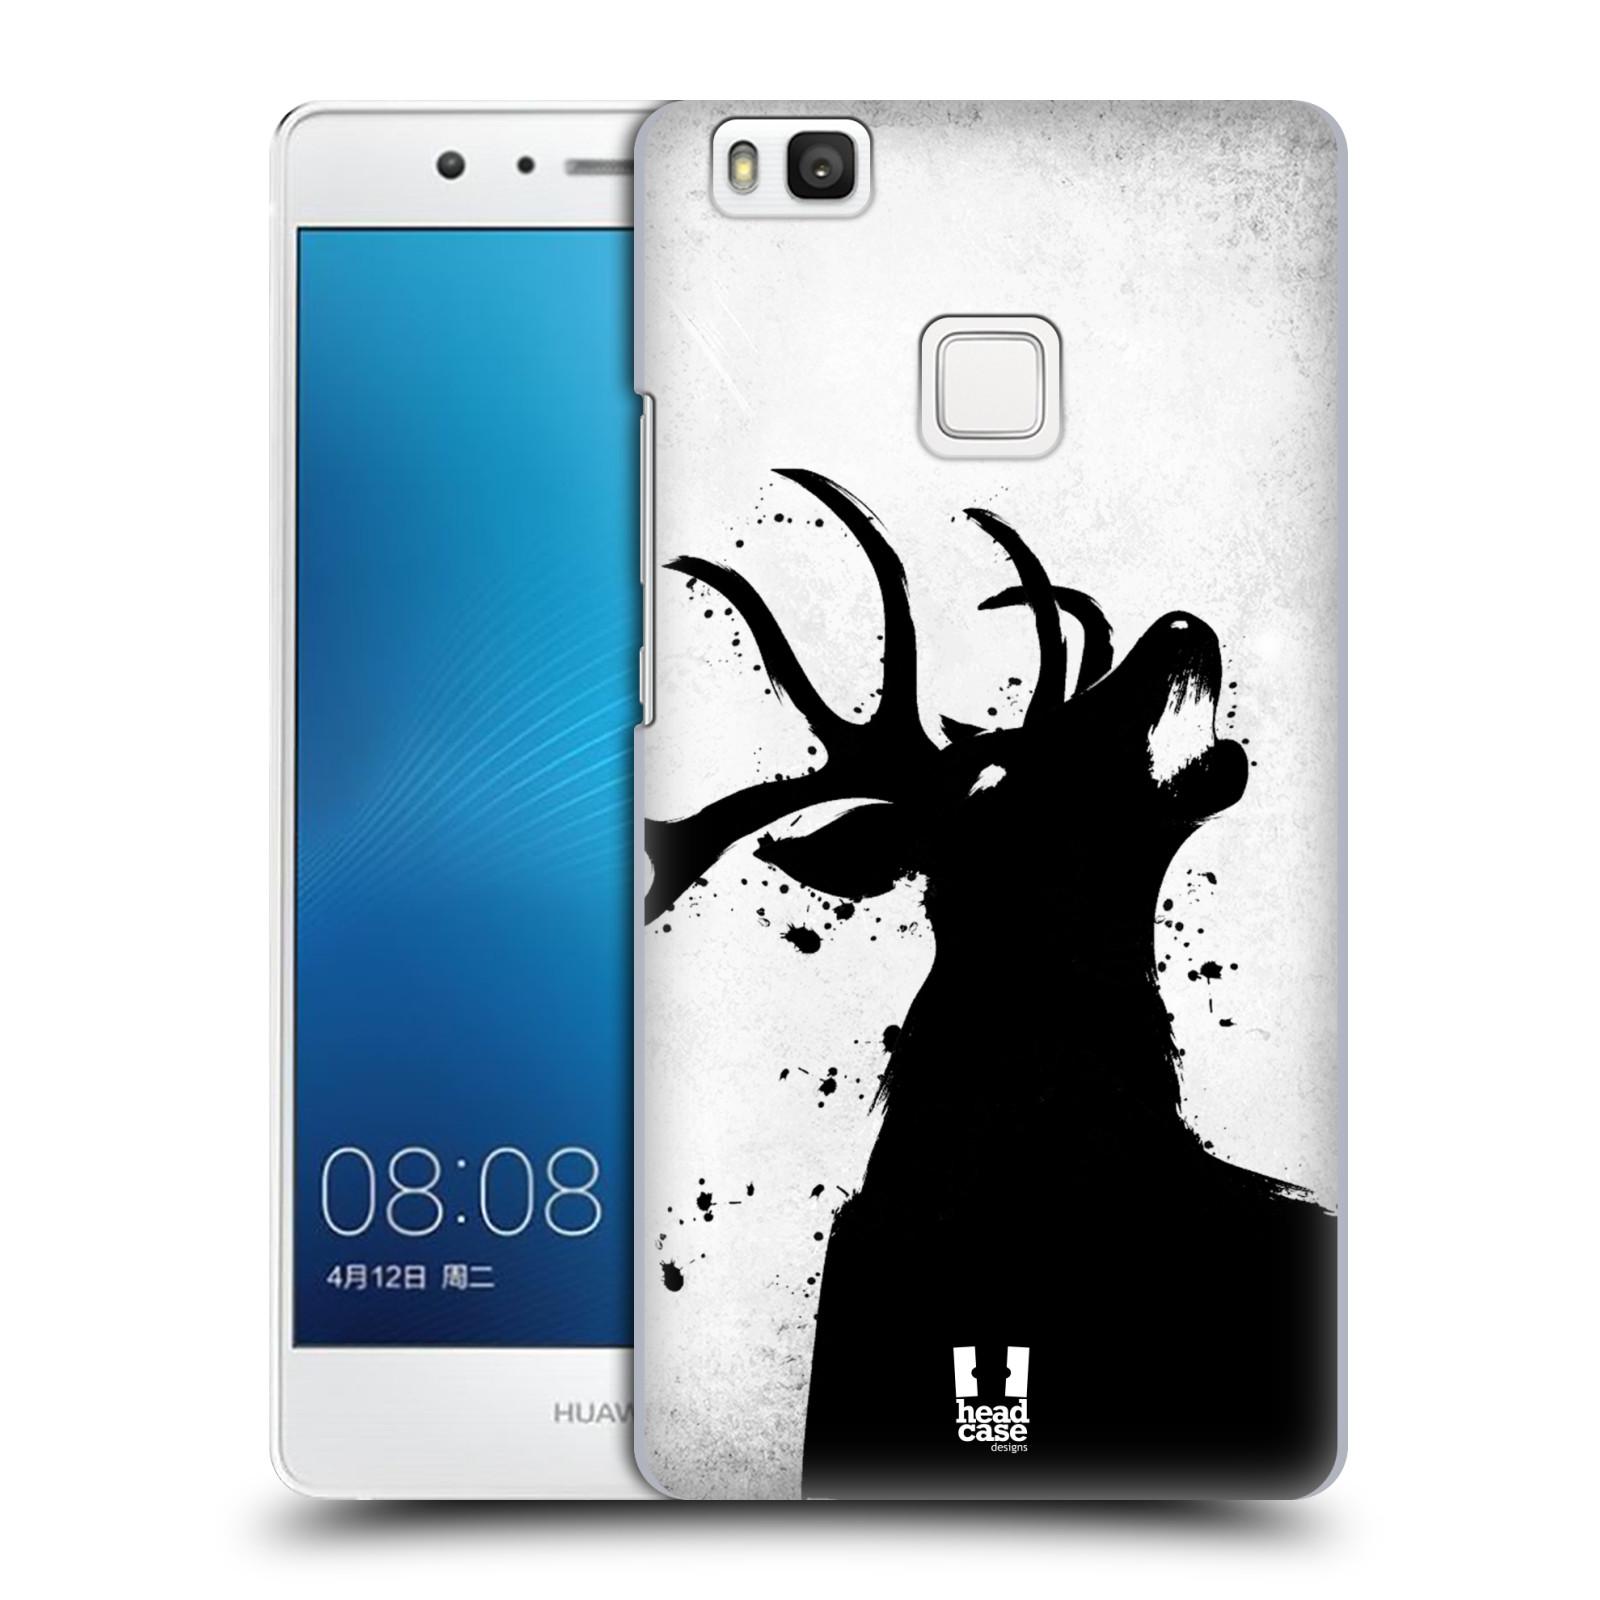 HEAD CASE plastový obal na mobil Huawei P9 LITE / P9 LITE DUAL SIM vzor Kresba tuš zvíře jelen